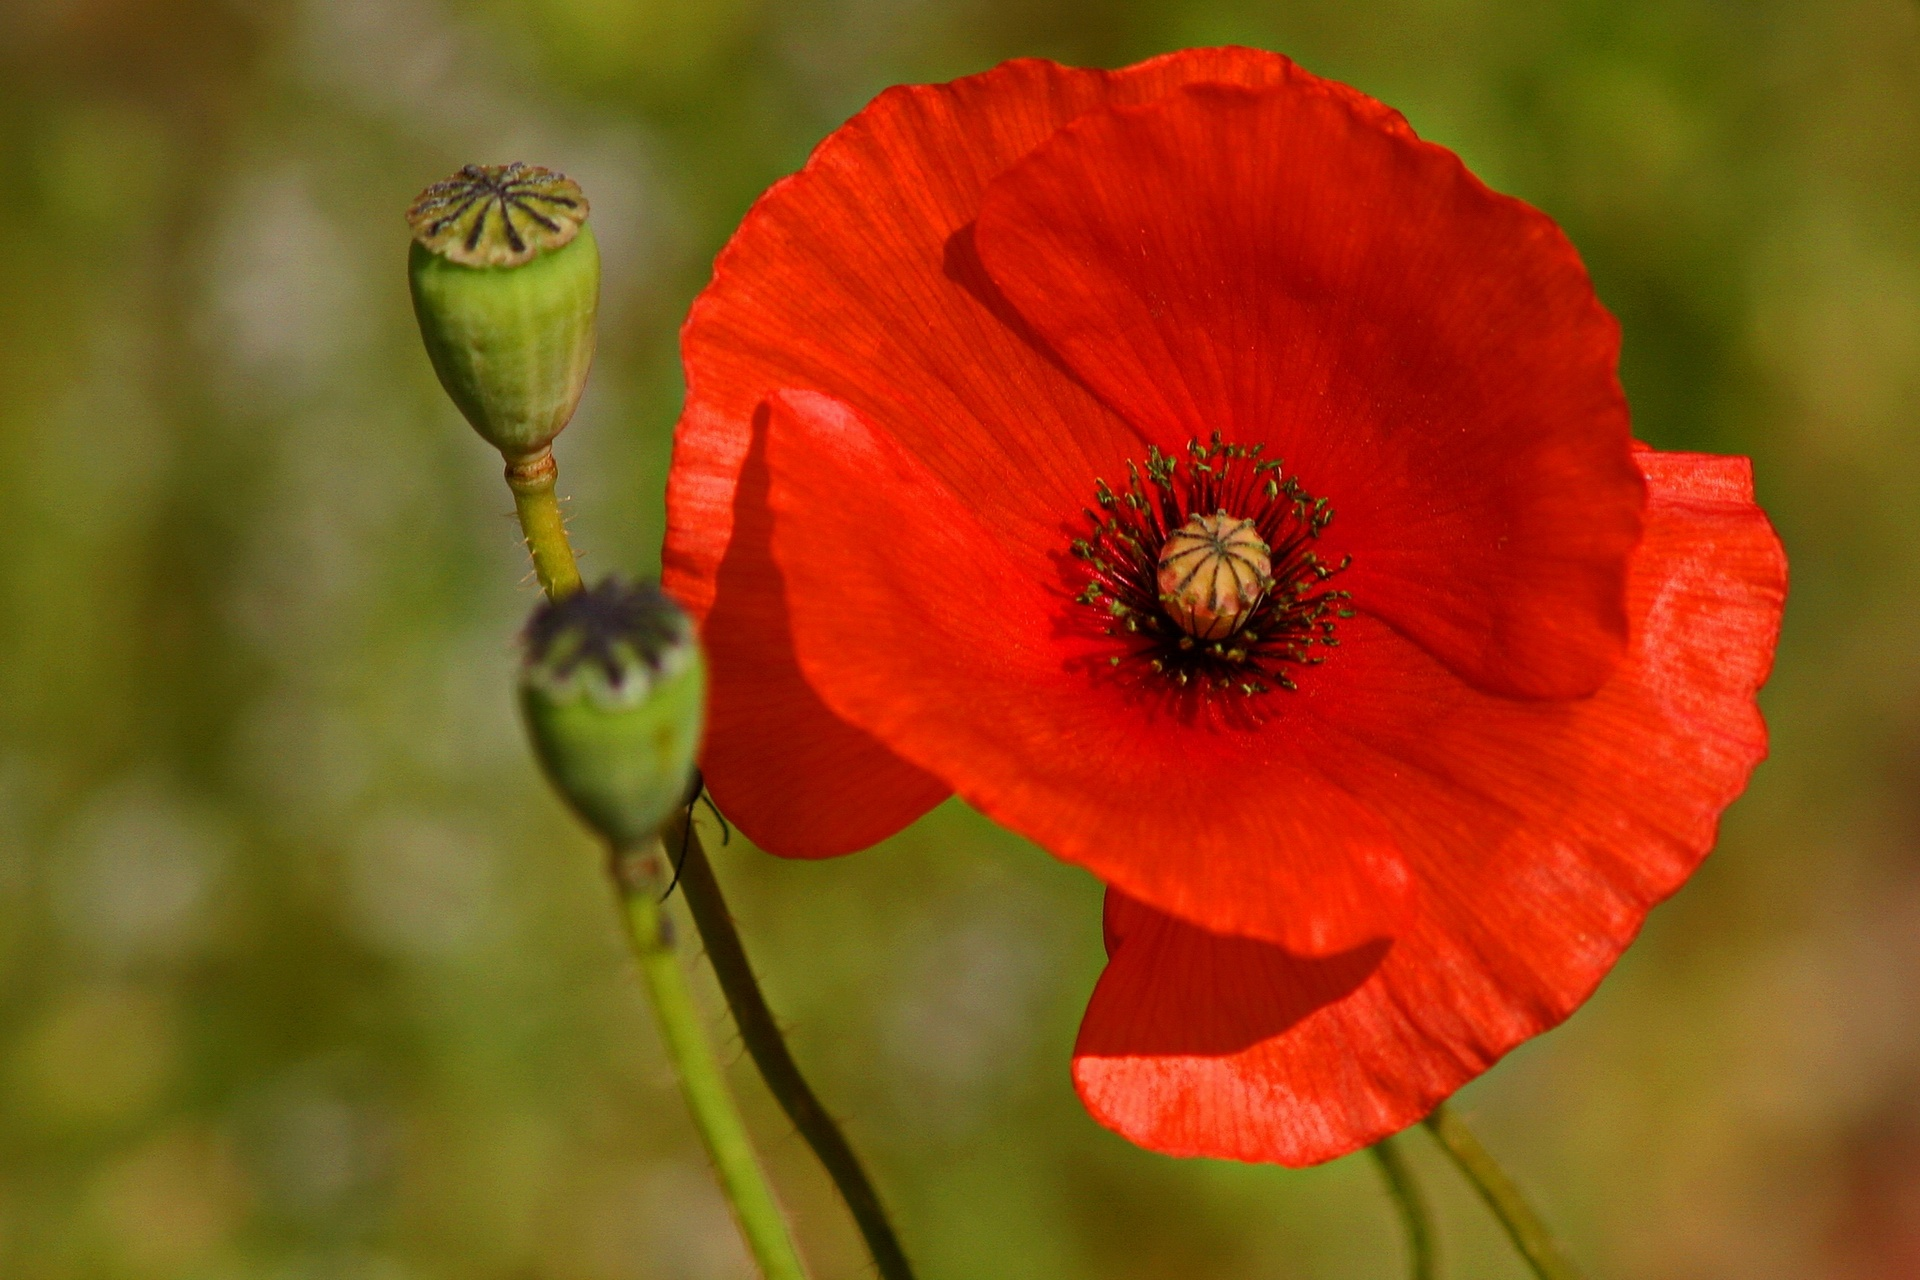 Poppy by Kassianos Kassianou